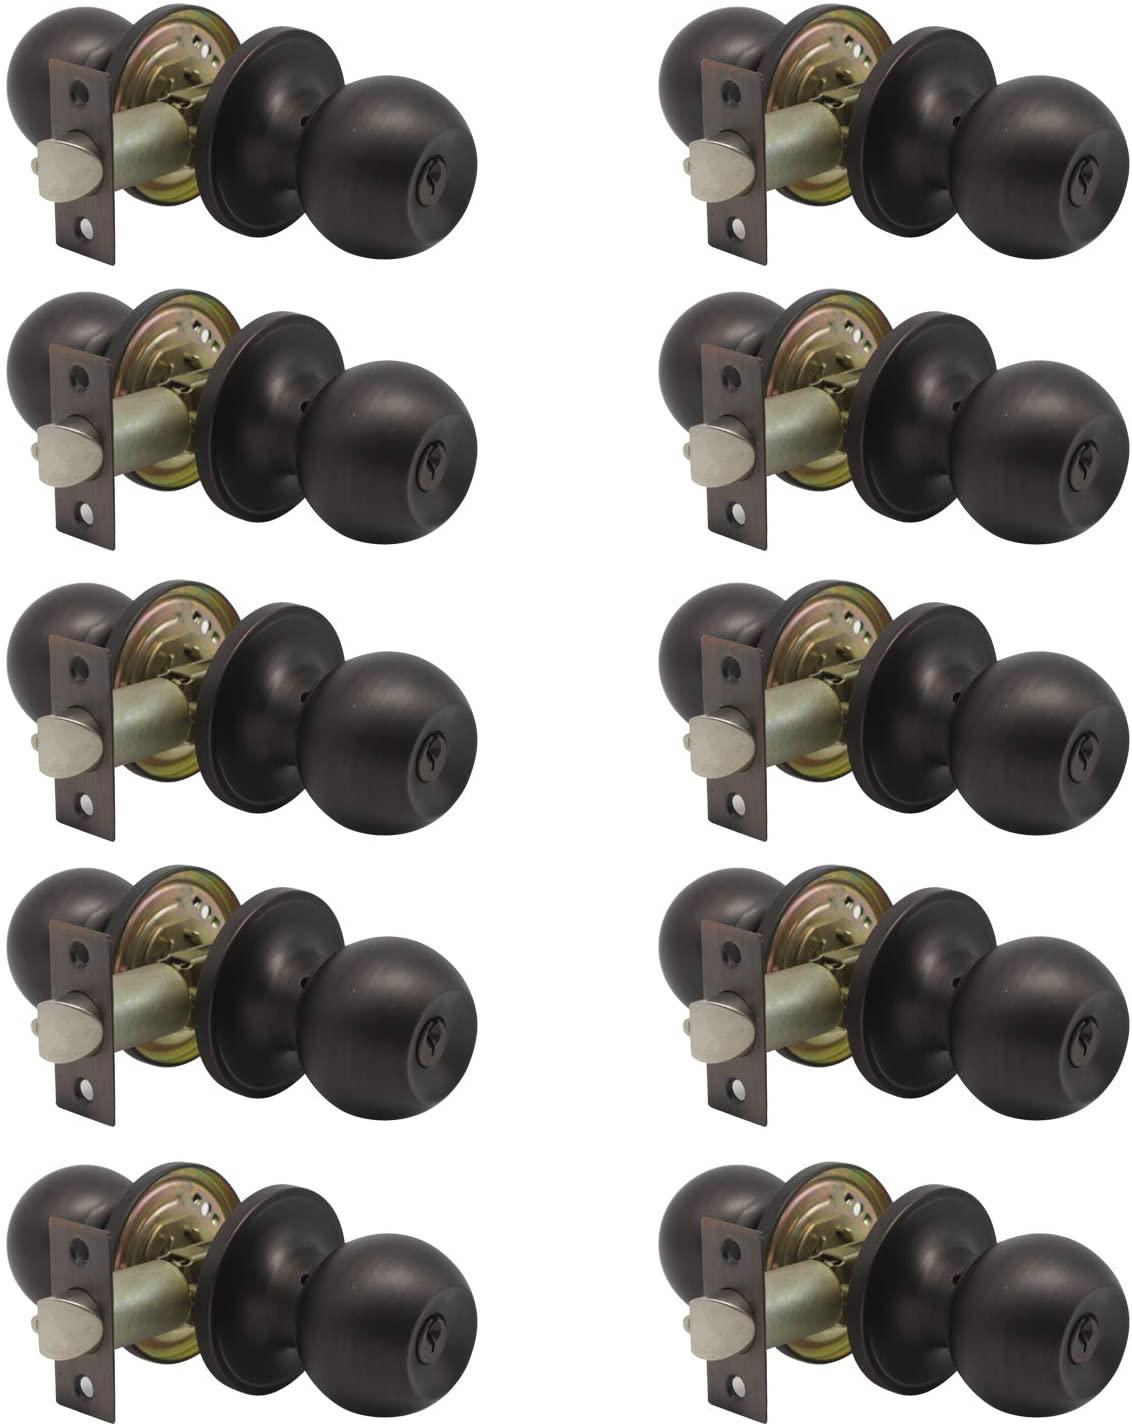 knobelite(10 Pack)Entry Door Knob Keyed Alike,Oil Rubbed Bronze Door Lock Handle,Entry Door Lock/Ball Door knobs with Lock and Same Key,Entrance Knob[Lock with 3 Combo Keys]for Office or Front Door